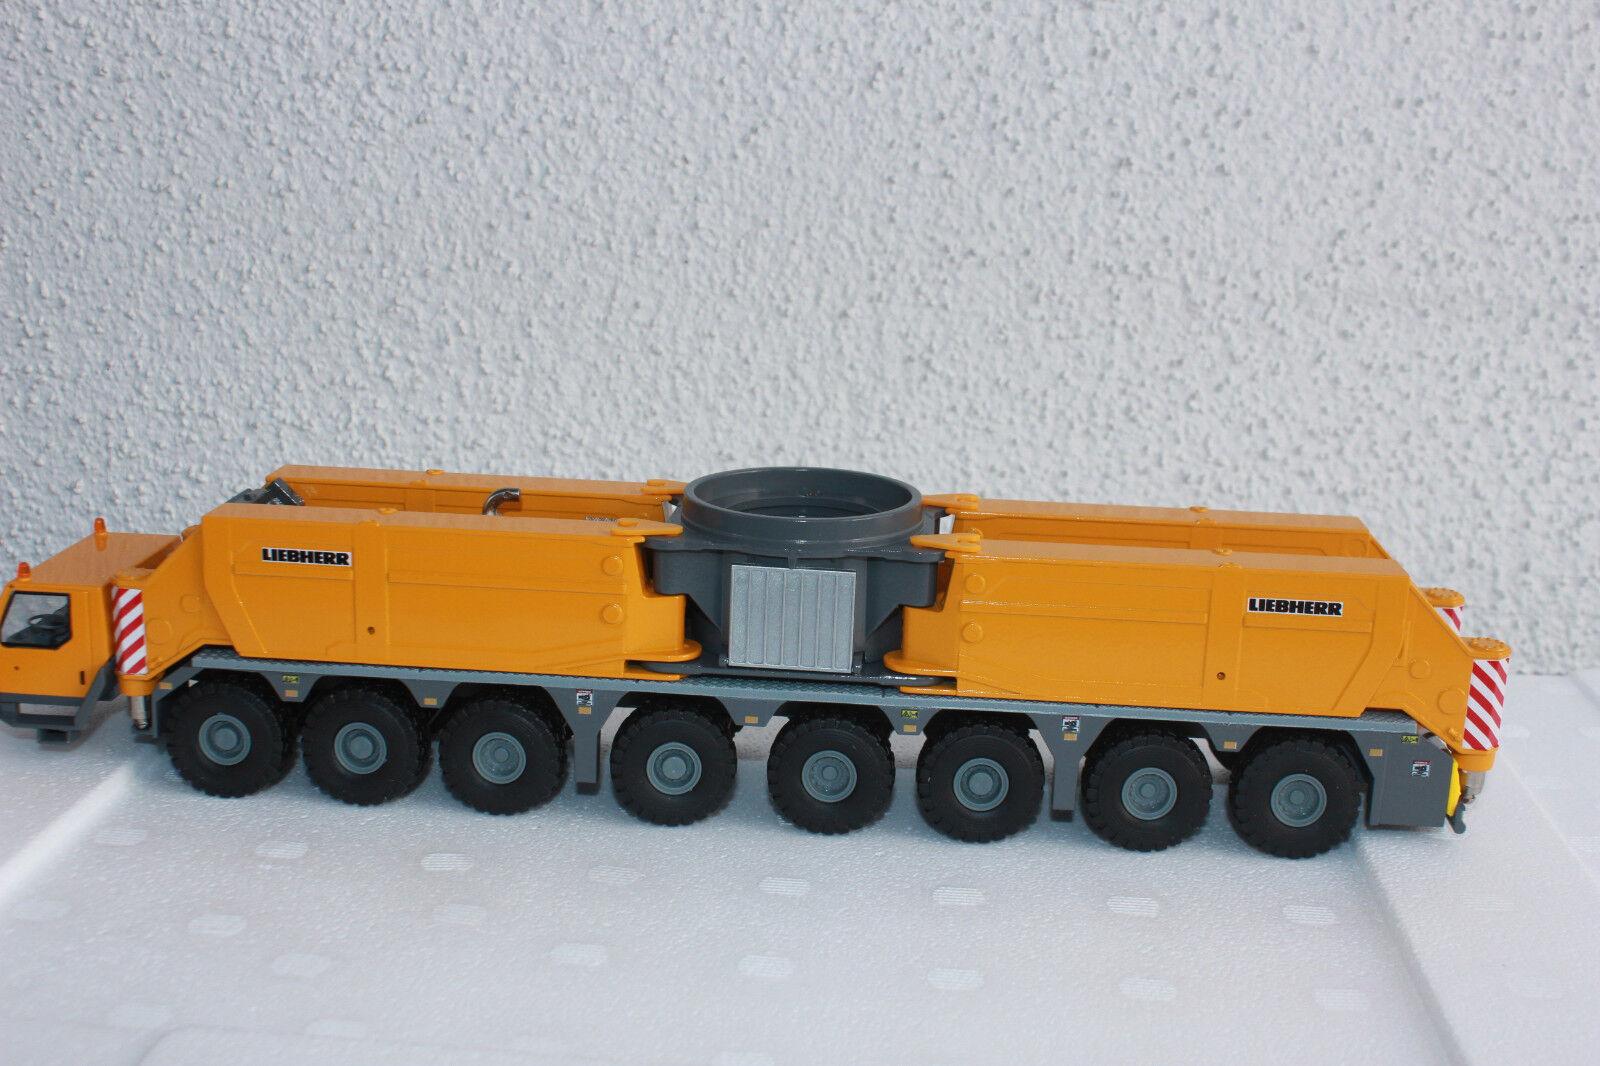 venta Conrad 2737 09 Liebherr lg 1750 gittermastkran con con con cabina nuevos 1 50 nuevo embalaje original  opciones a bajo precio